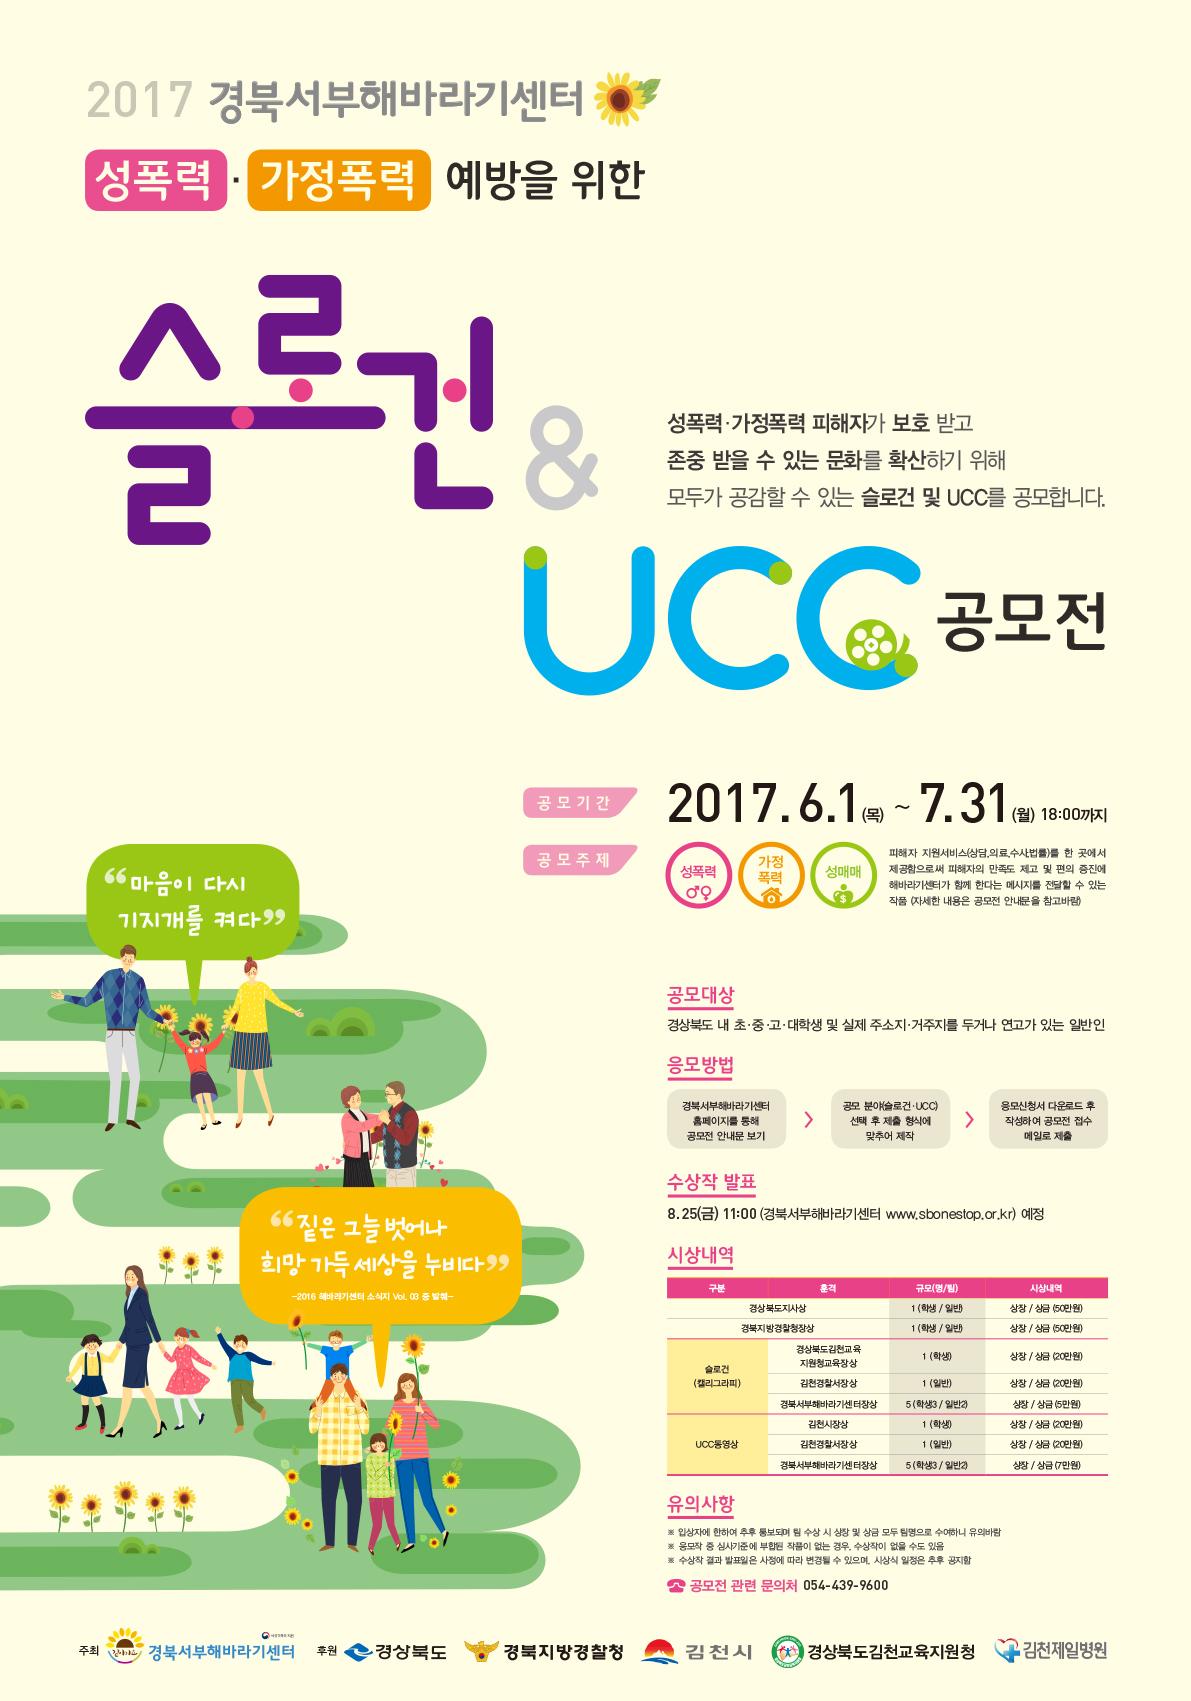 2017 성폭력·가정폭력 예방을 위한 경북서부해바라기센터「슬로건·UCC」공모전